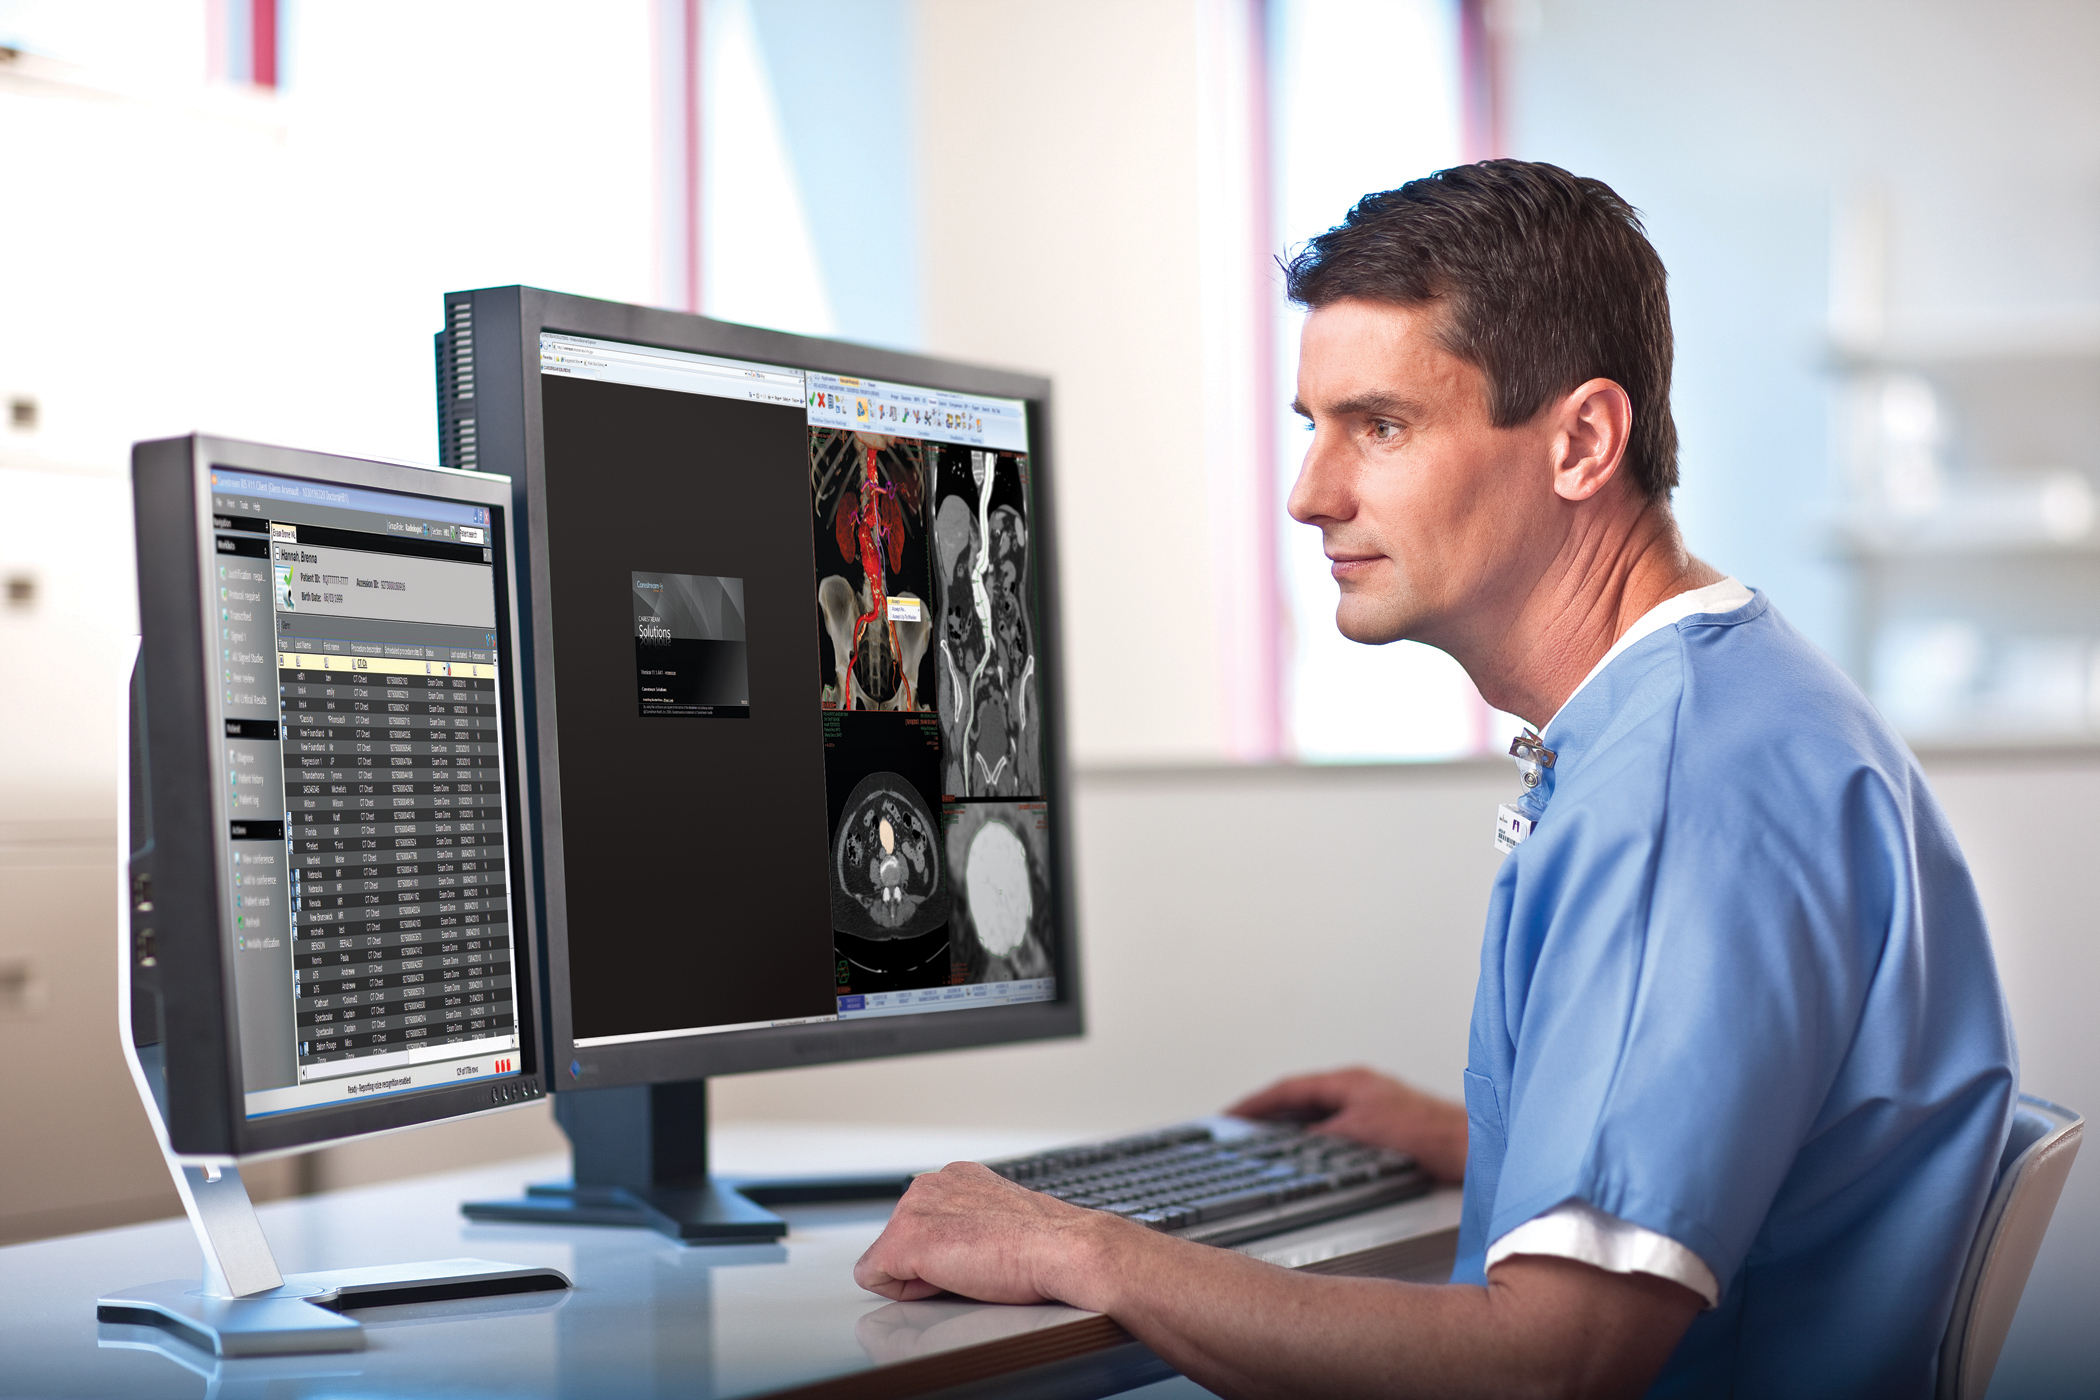 Ứng dụng CNTT trong ngành y - vấn đề không mới nhưng chưa giải quyết triệt để